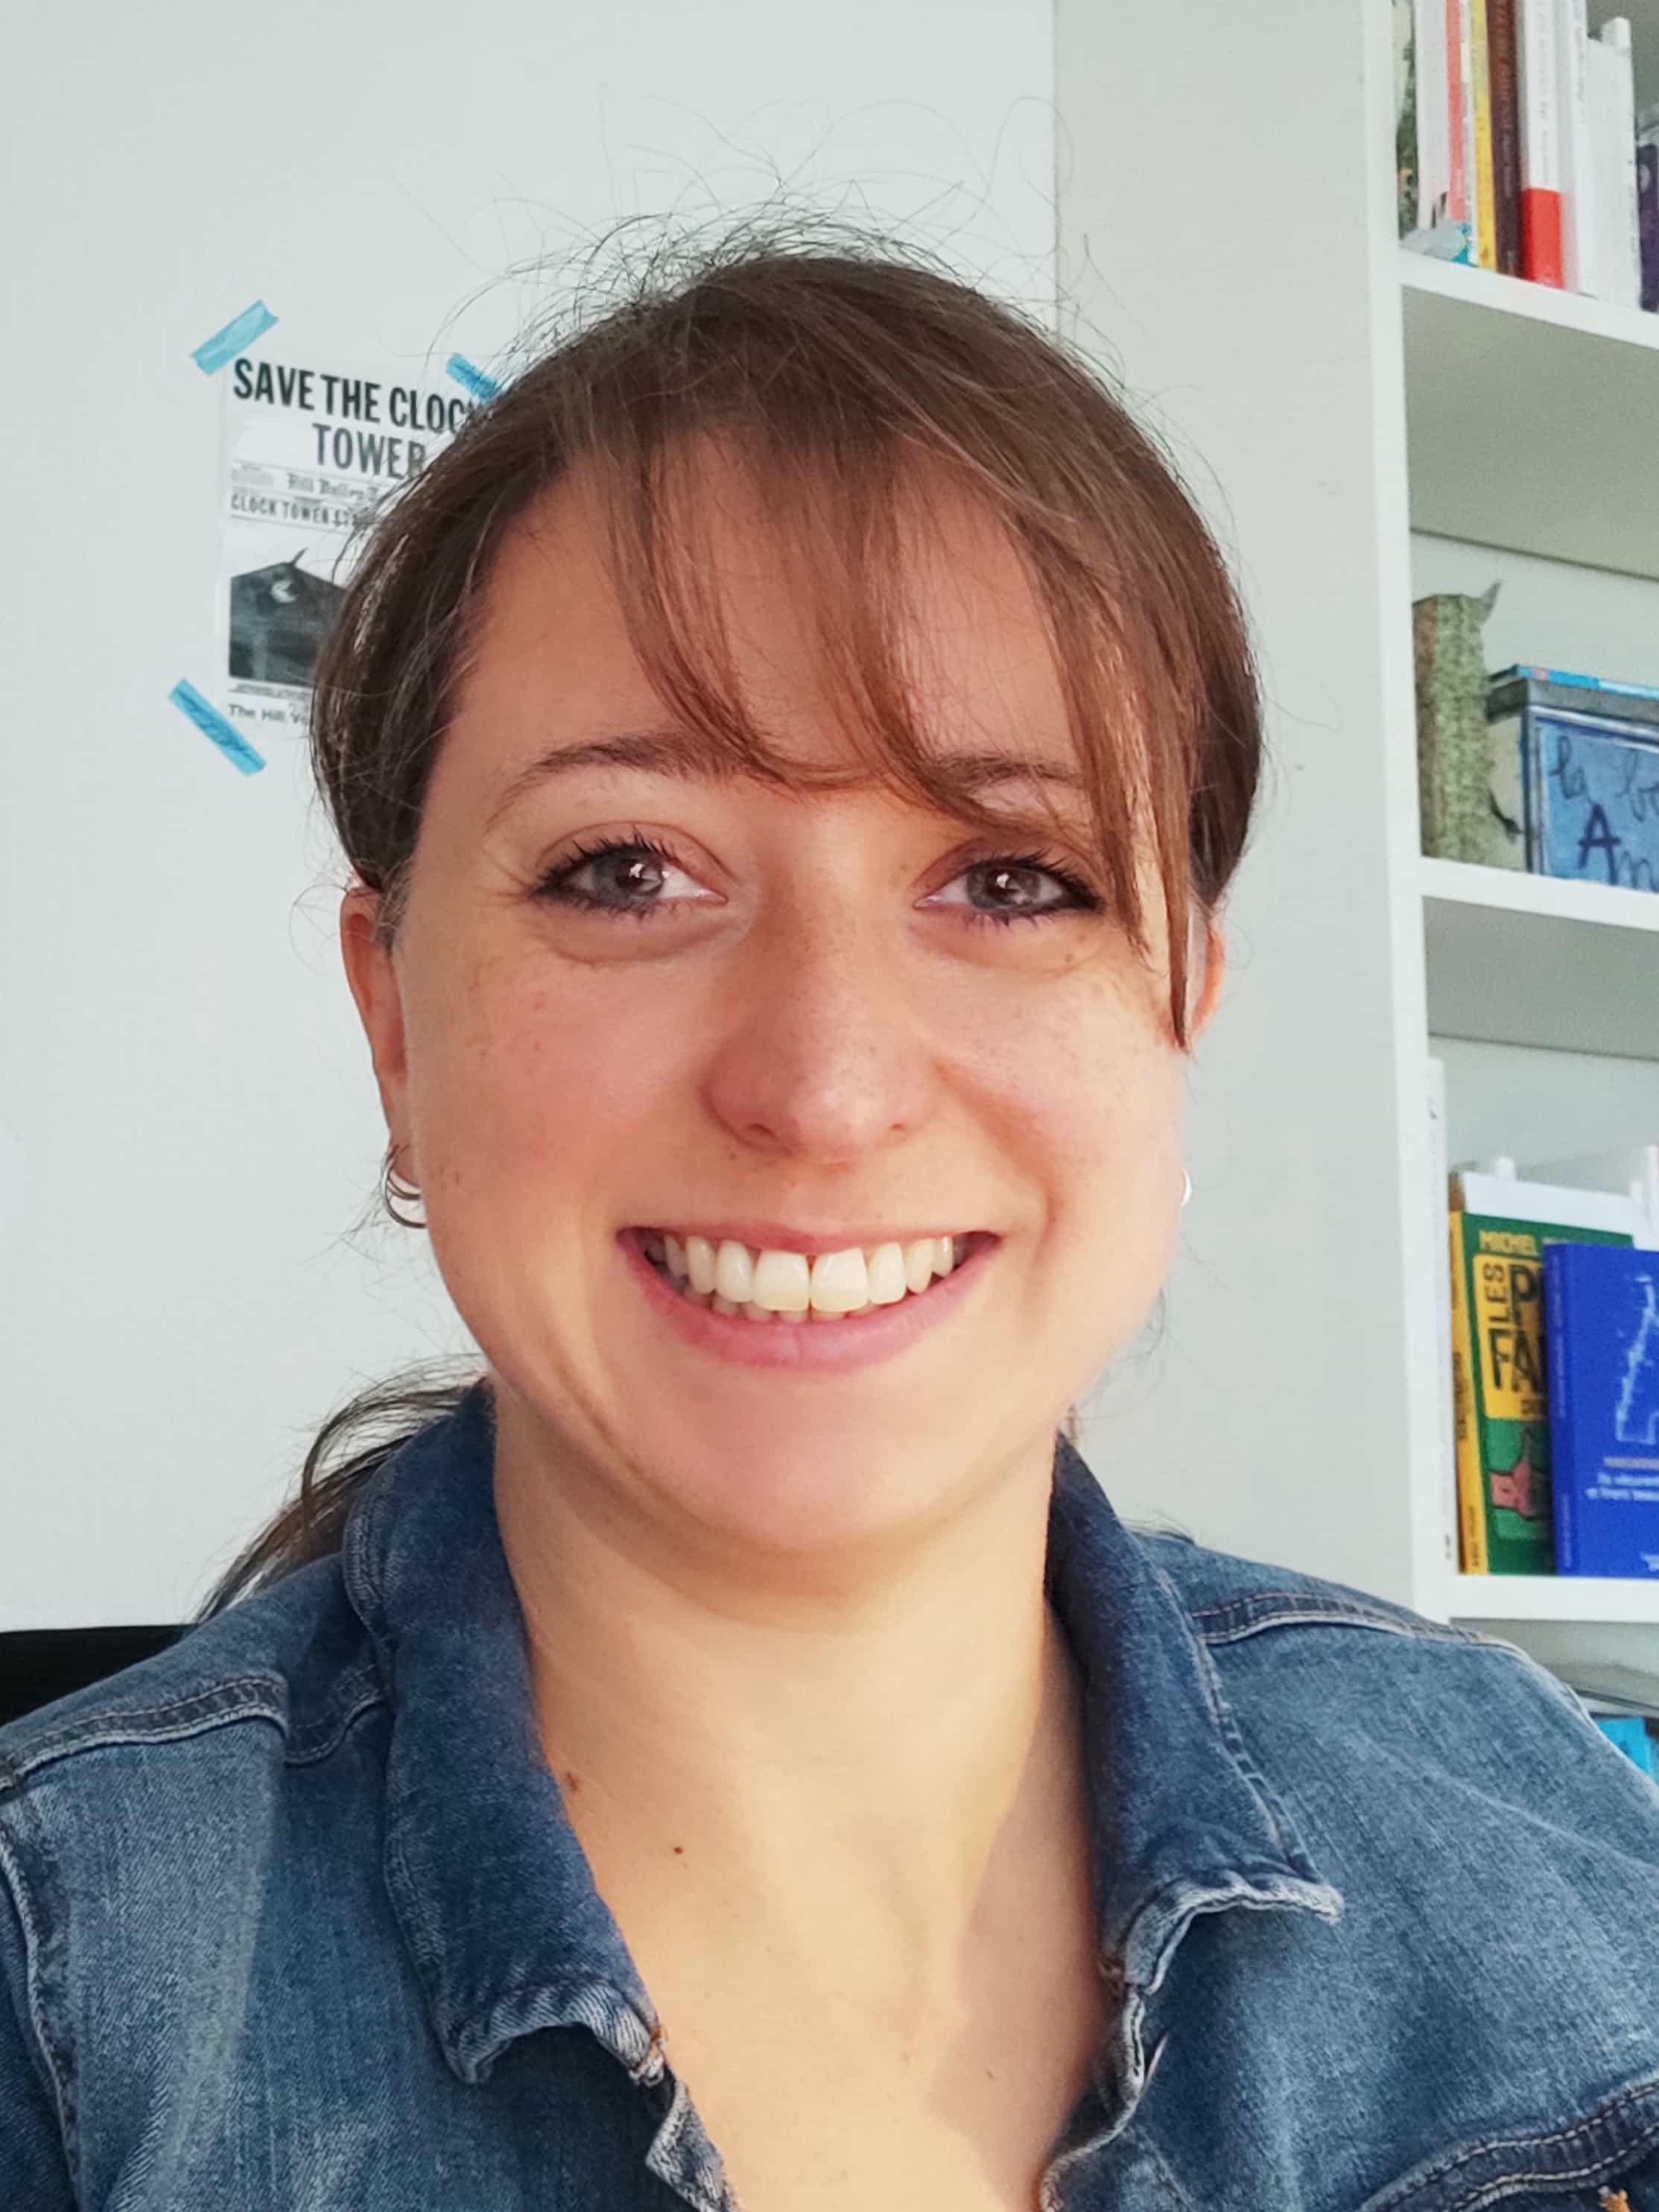 Je suis Maïka, formatrice en prise de parole en public, communication interpersonnelle et techniques de réseautage